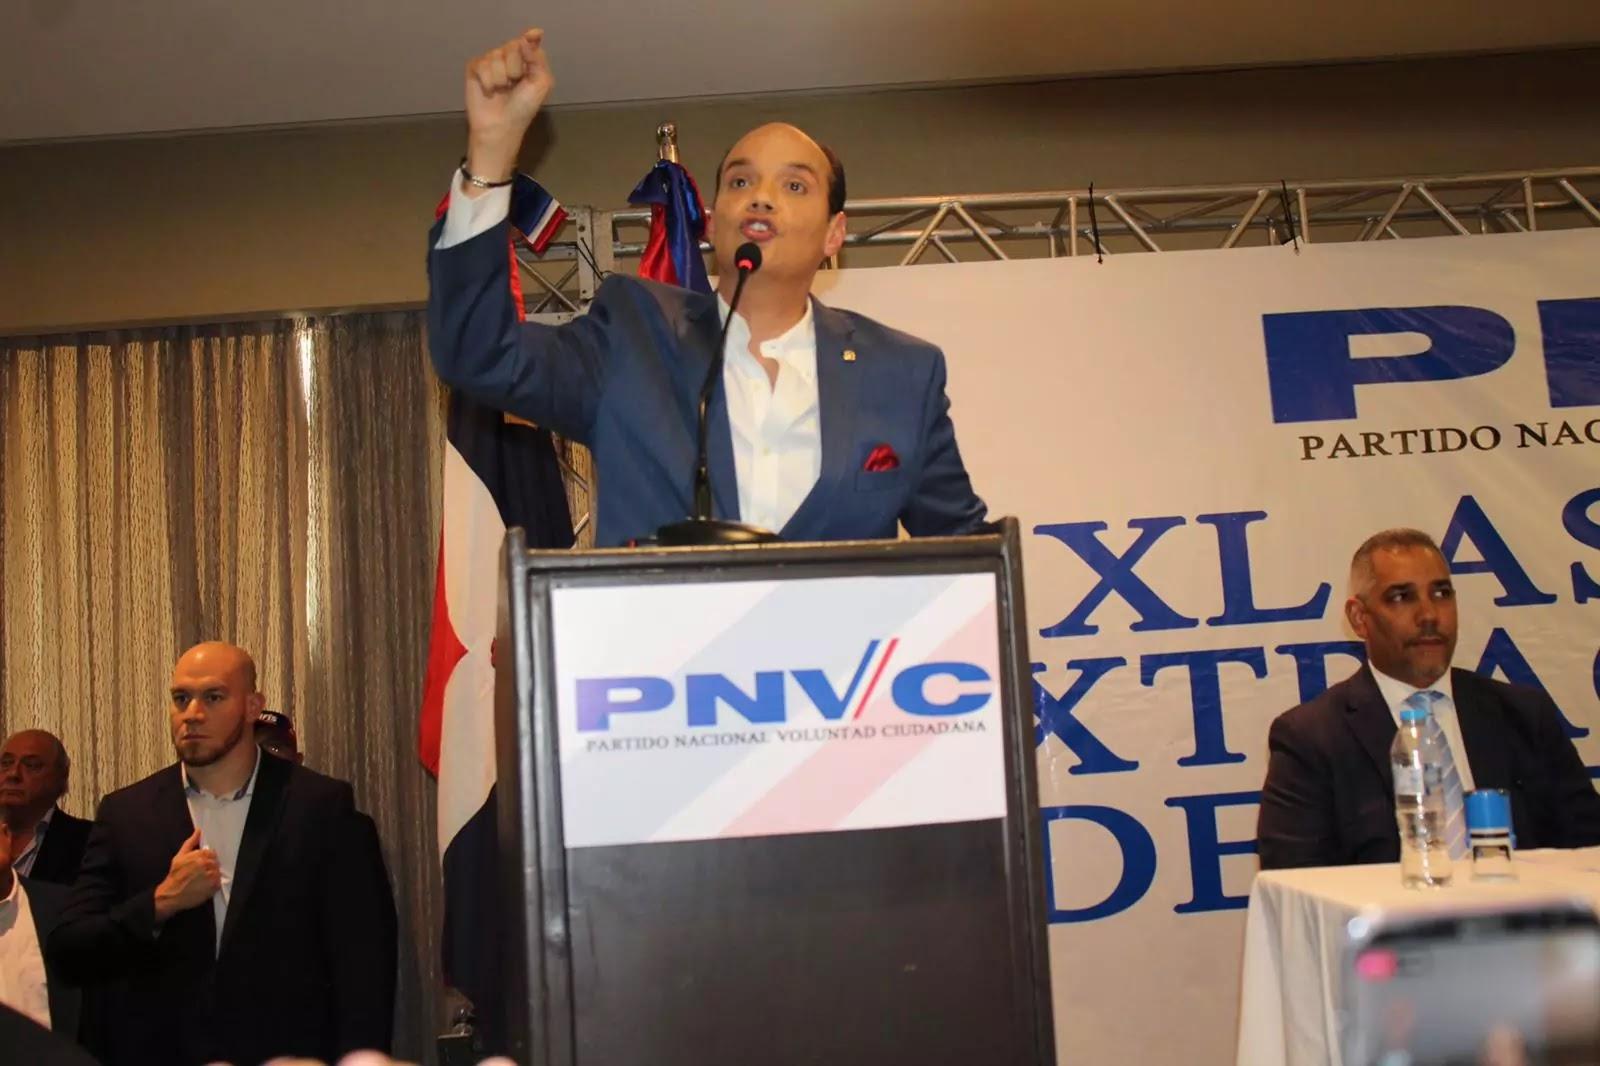 RAMFIS TRUJILLO, candidato presidencial del PNVC y aliados 2020-2024